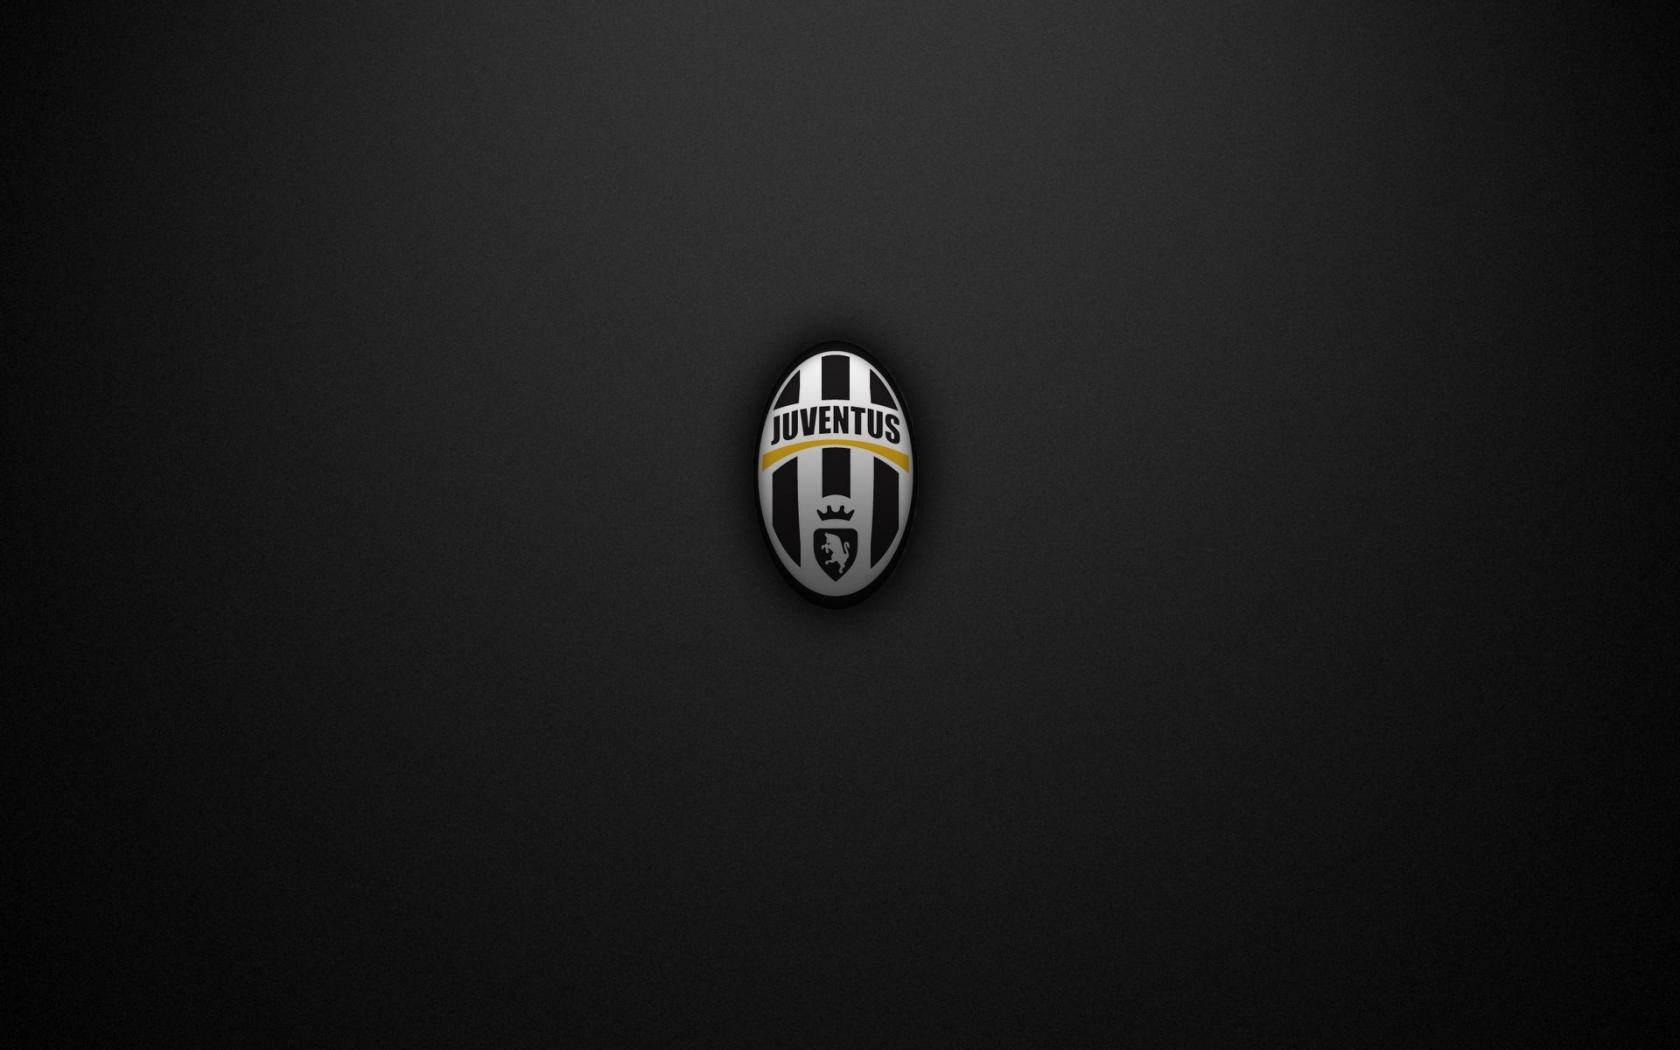 Sfondi Animati Juventus Of Sfondo Juventus 22759